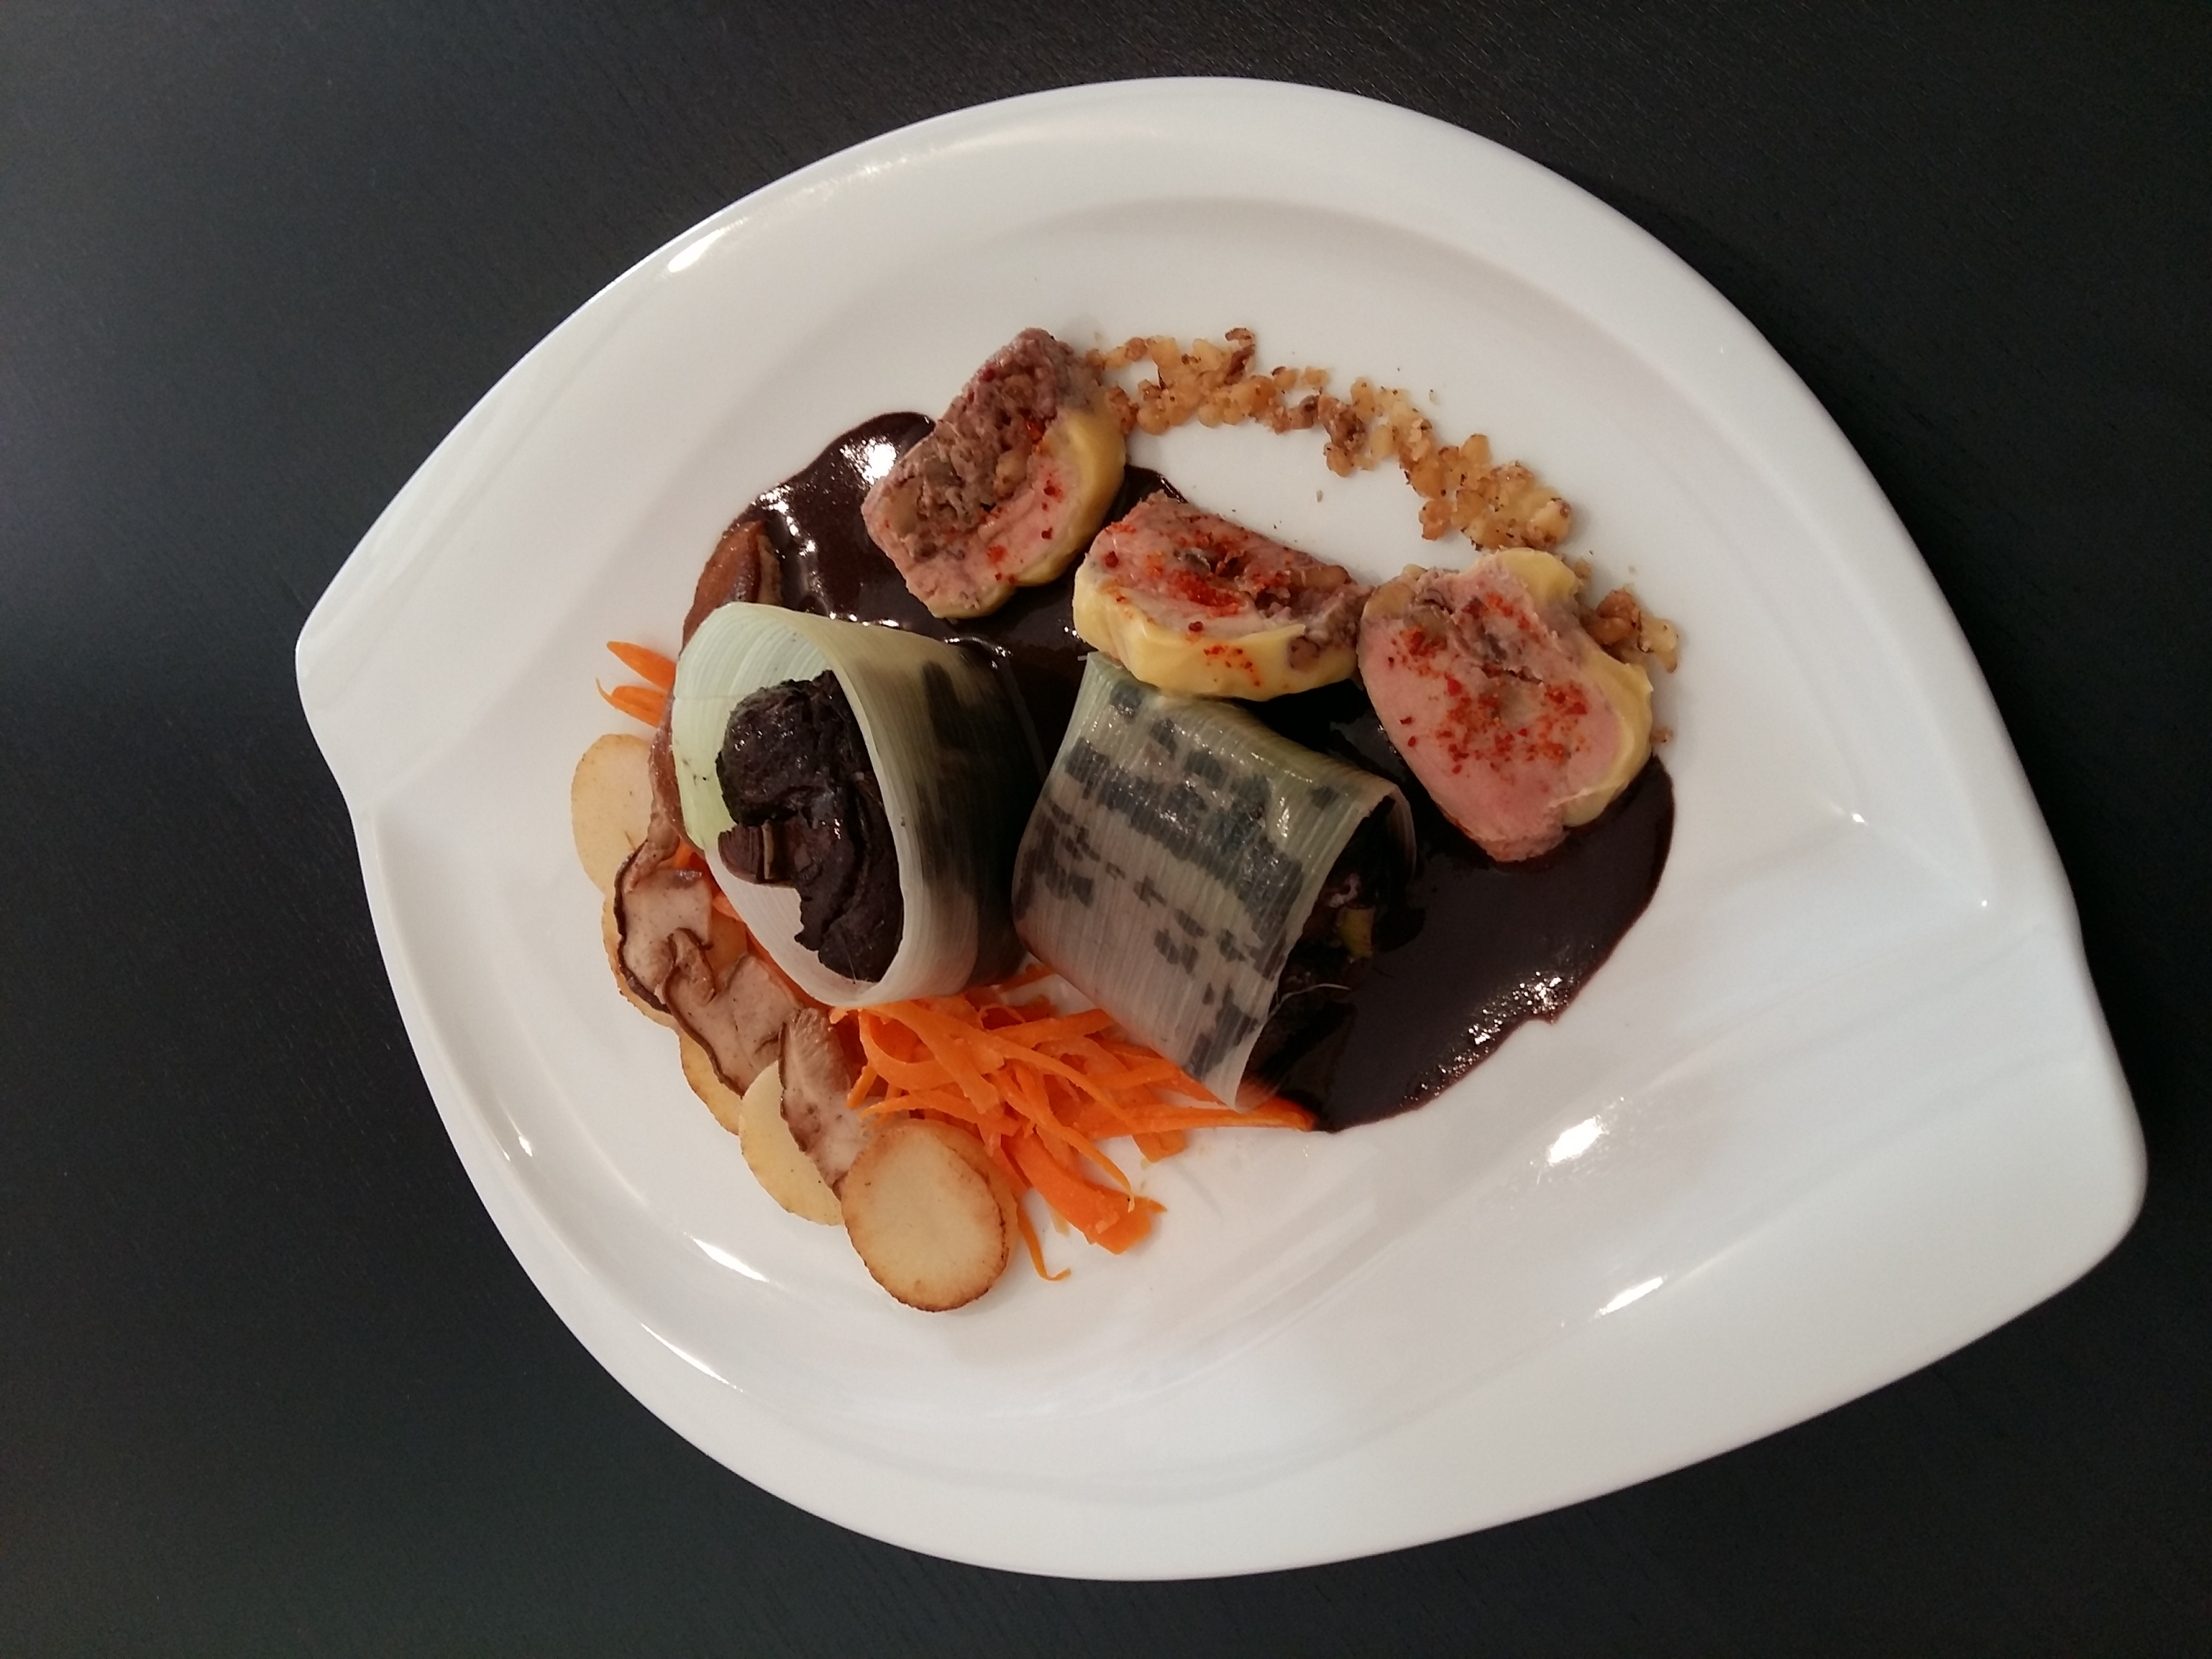 Matelote d'anguille au Pécharmant et poireaux truffés foie gras du Périgord aux noix et piment d'espelette